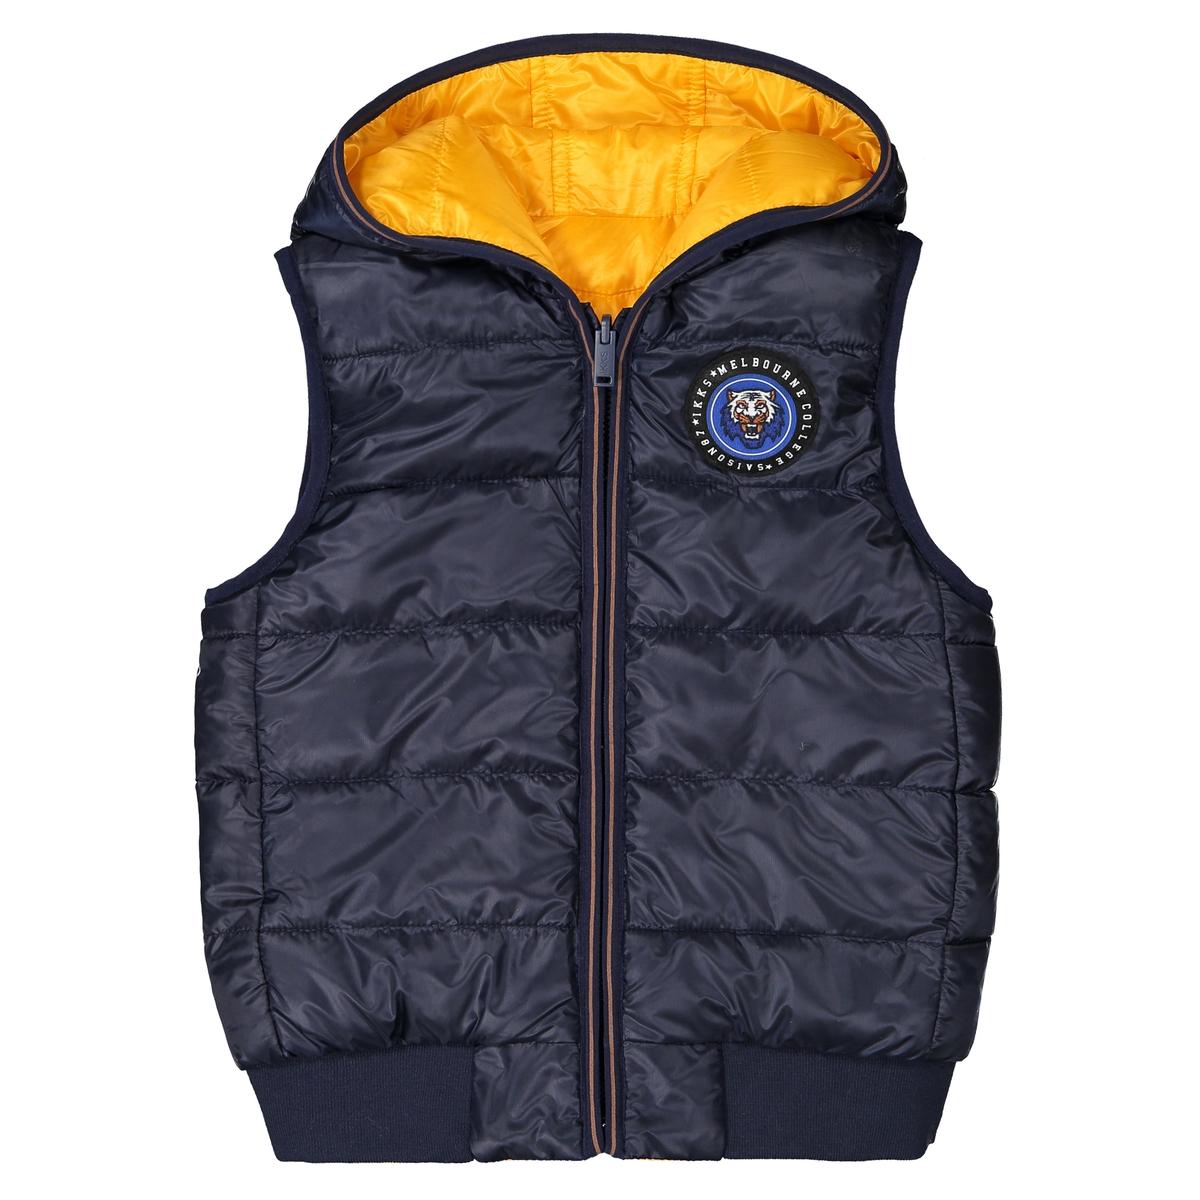 Куртка стеганая с капюшоном без рукавов, 4-14 лет